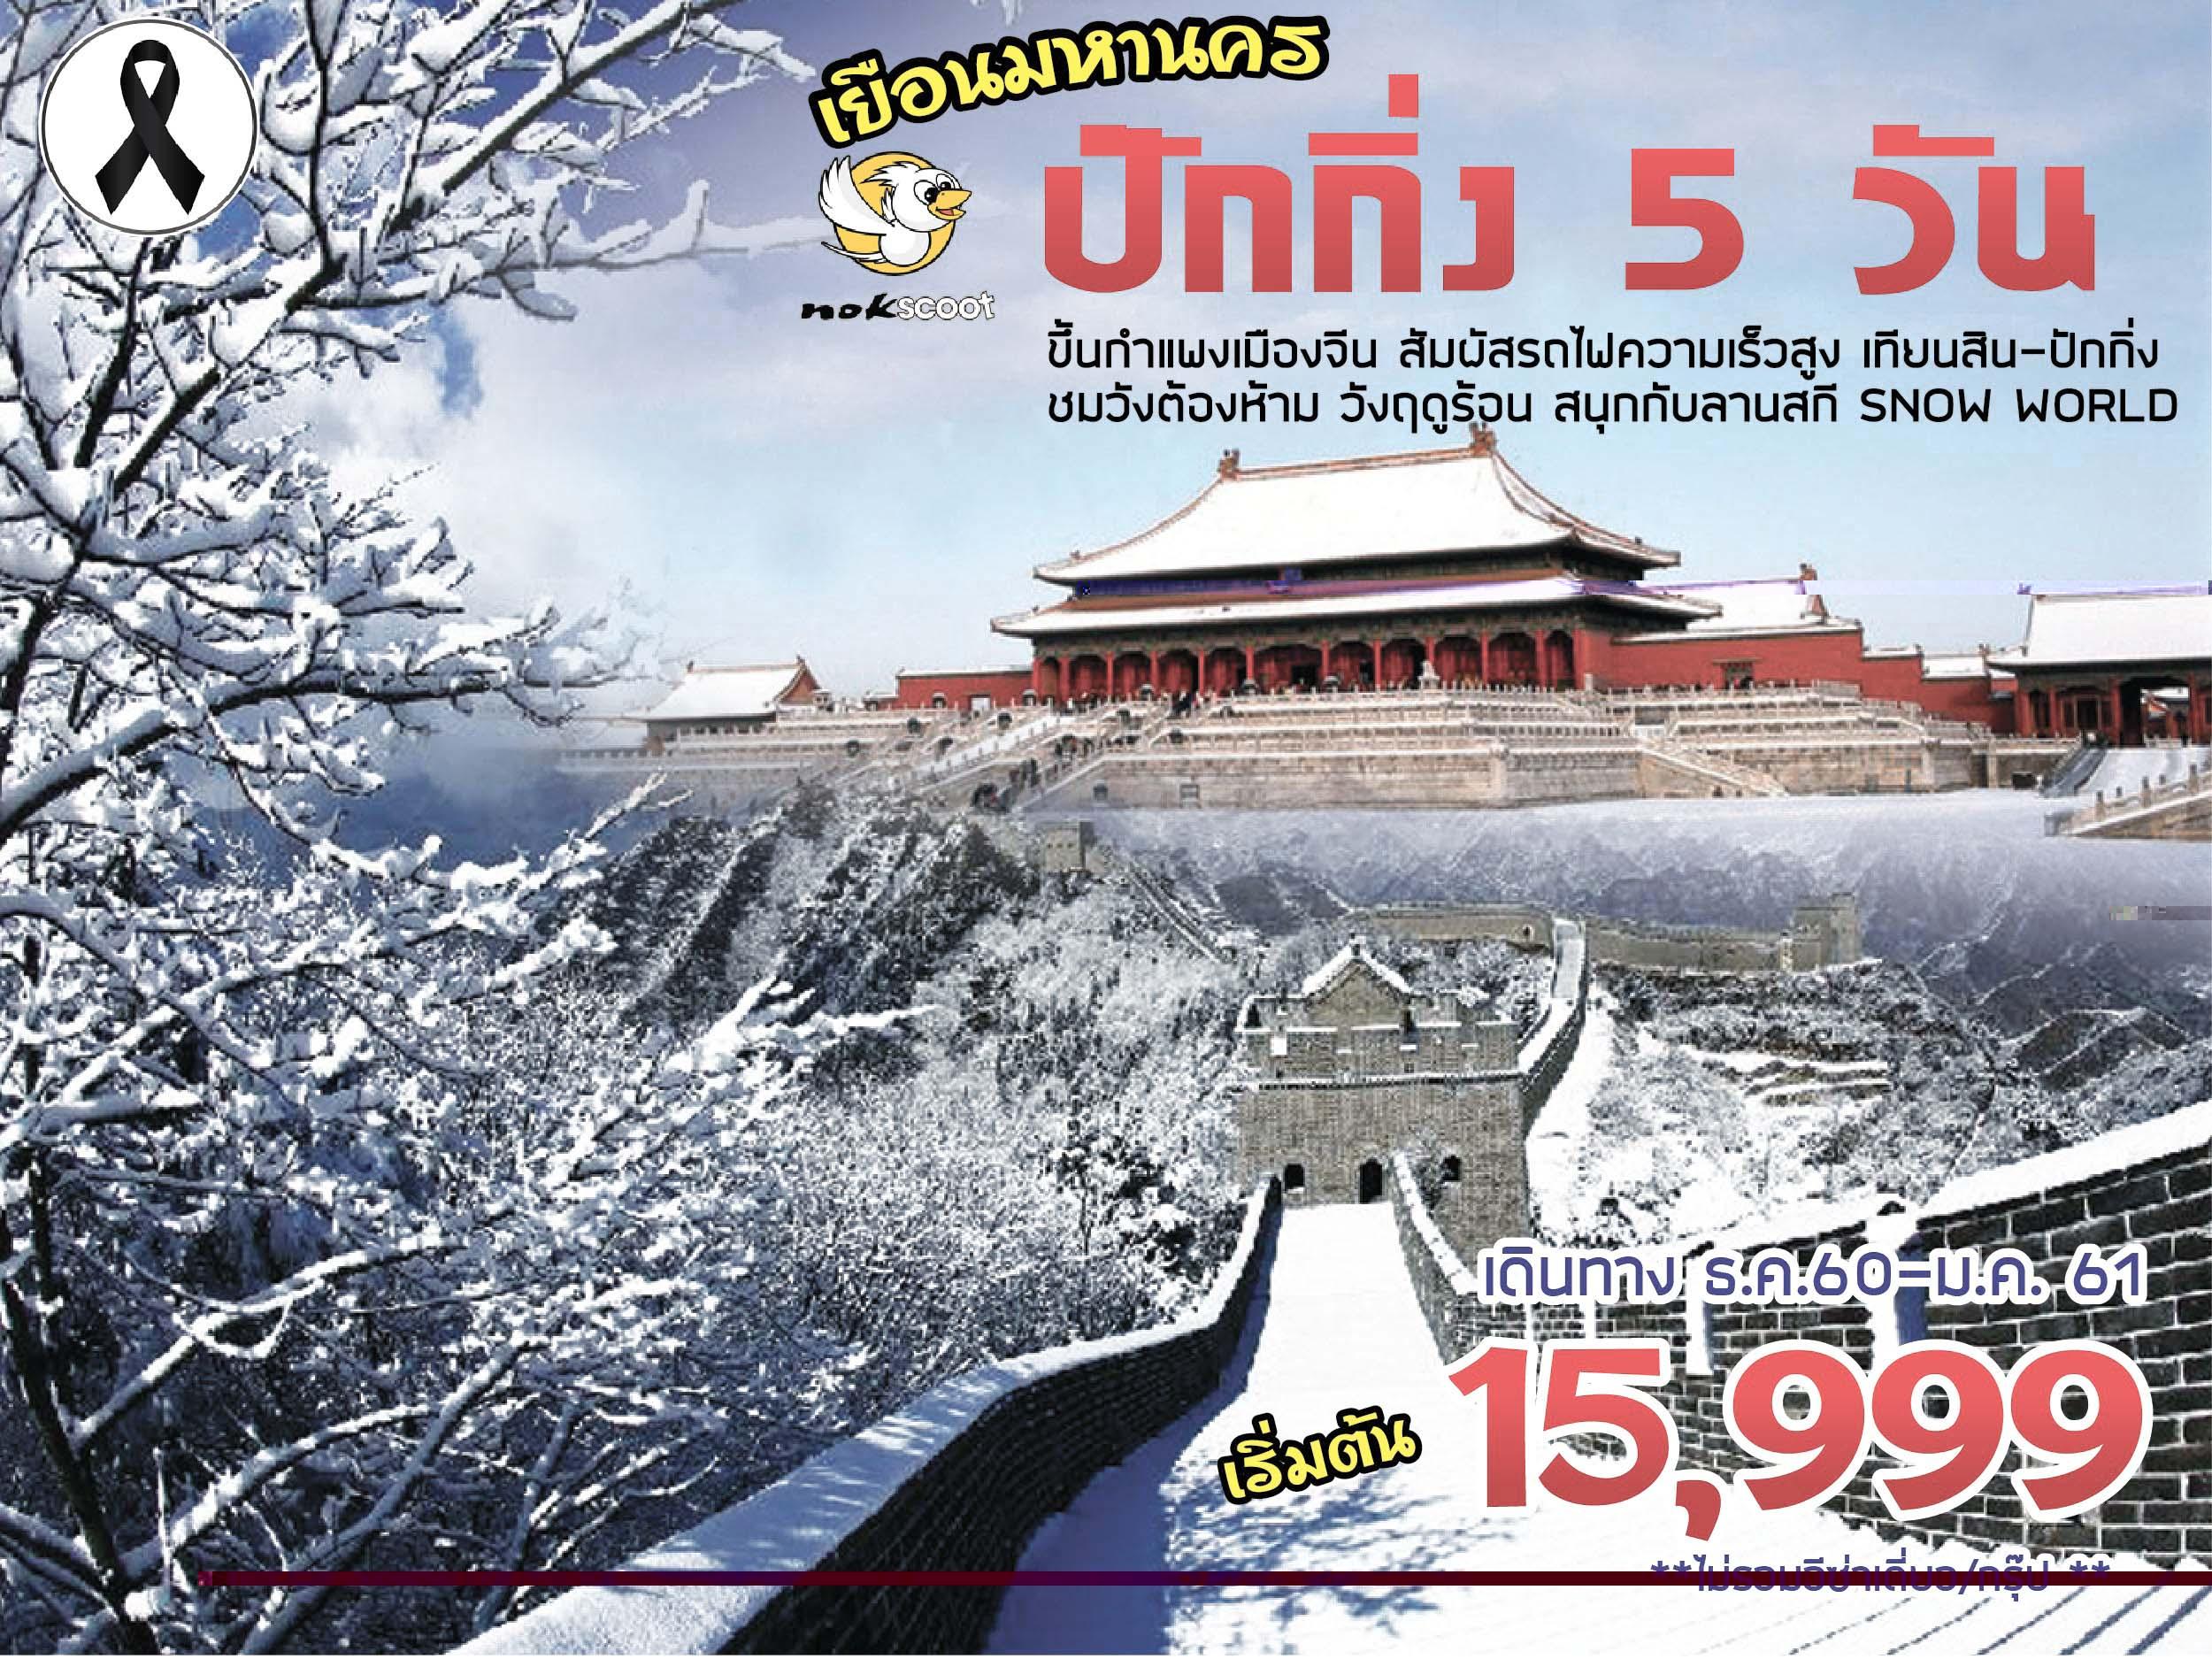 เที่ยว 2 มหานคร ปักกิ่ง เทียนสิน  เทศกาลสกี Snow World 5 วัน 4 คืน [XW]